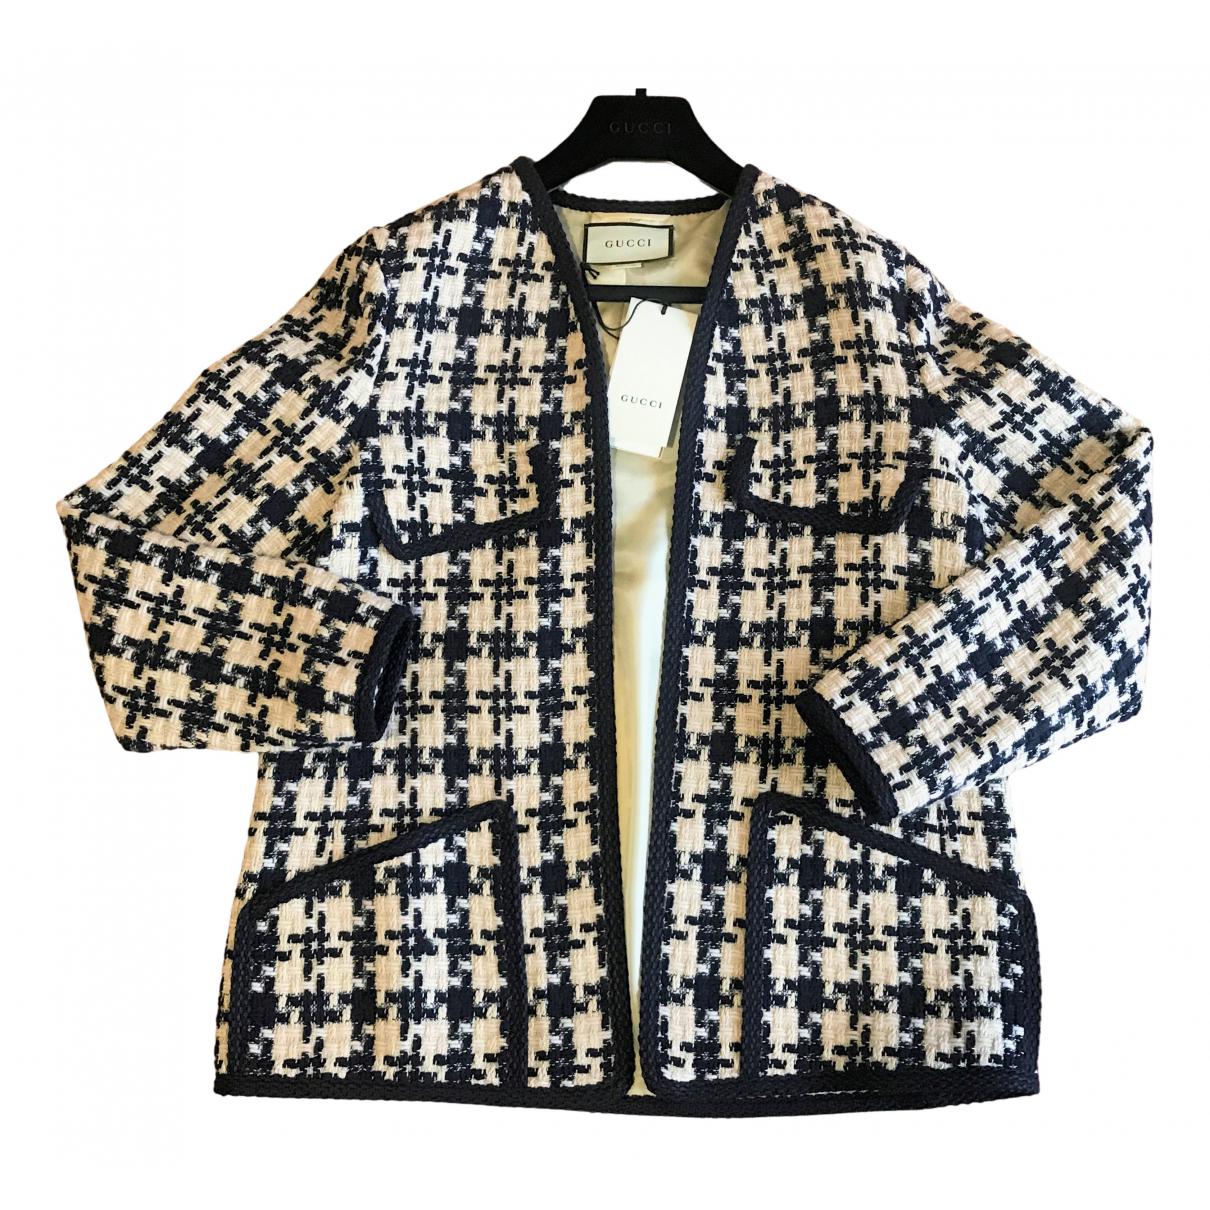 Gucci - Veste   pour femme en tweed - marine